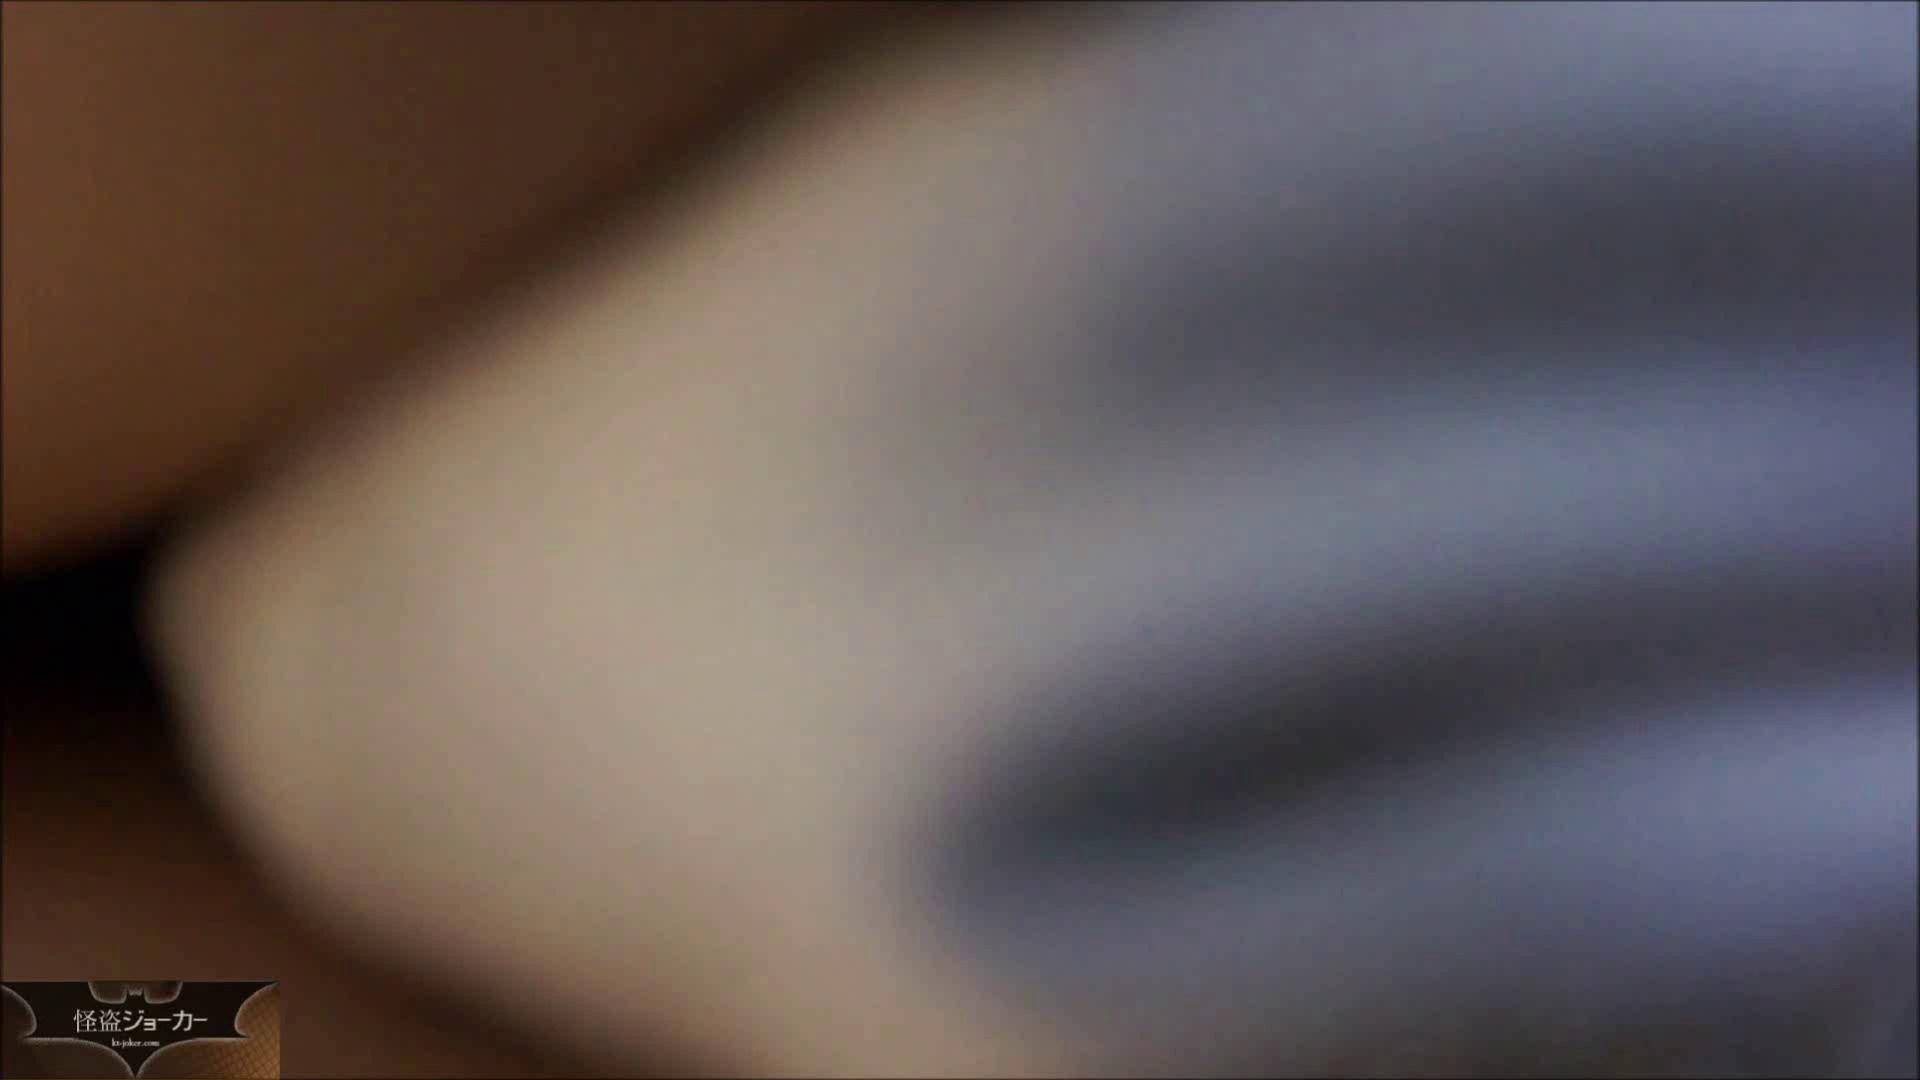 vol.1【現役JD】じゅりちゃん☆新歓コンパの3次会後、酔い潰してから! ロリ  58pic 25